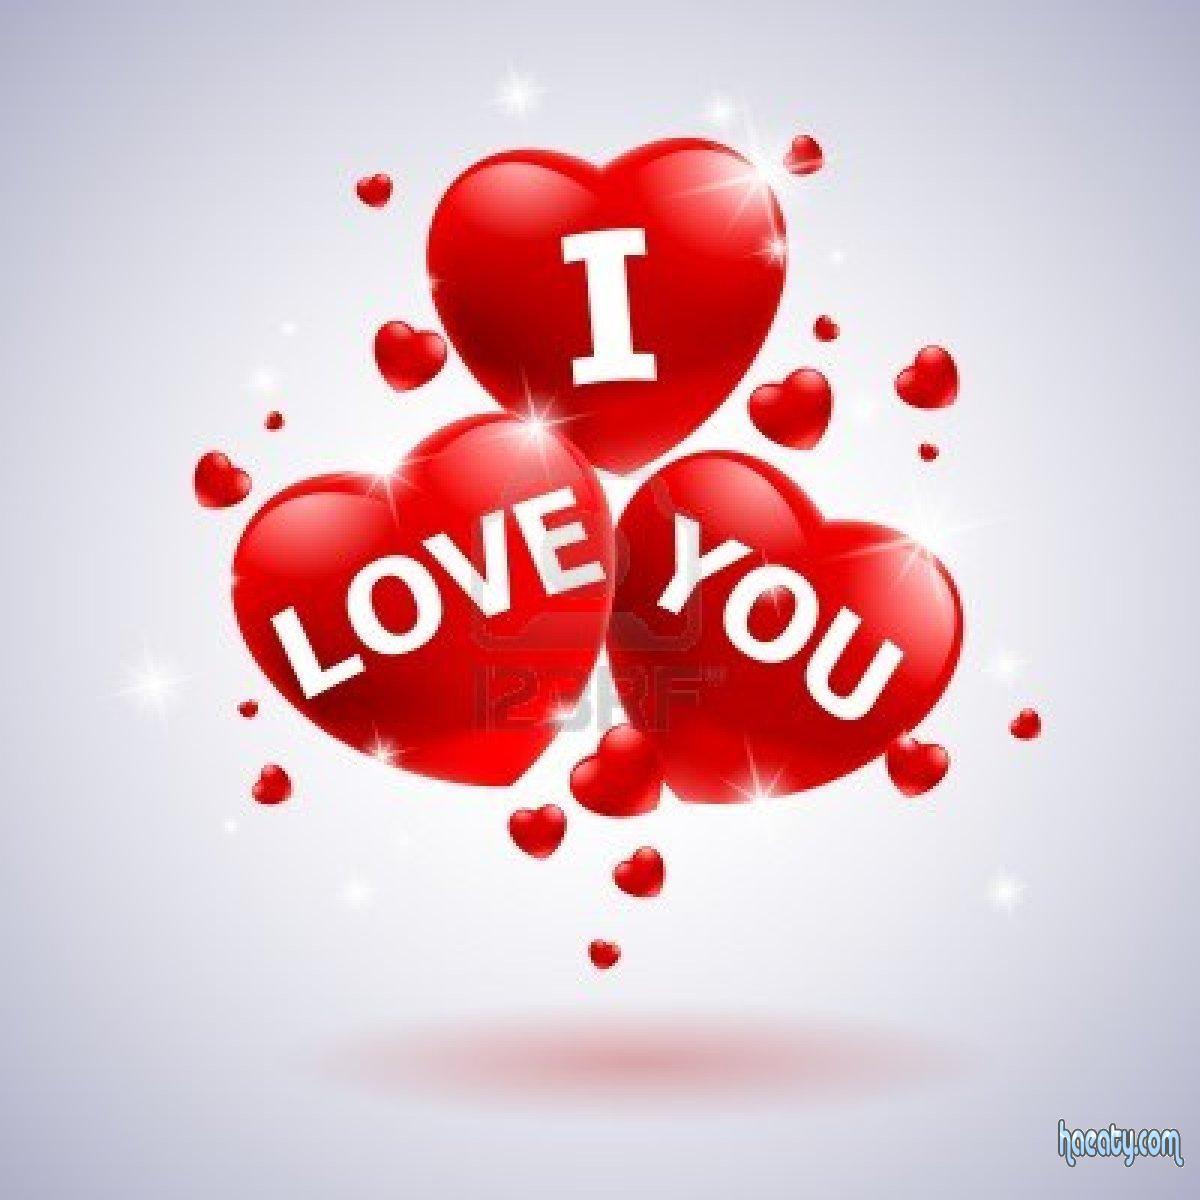 صور قلوب مكتوب عليها حروف طرق مختلفة للتعبير عن الحب و الرومانسية صوري